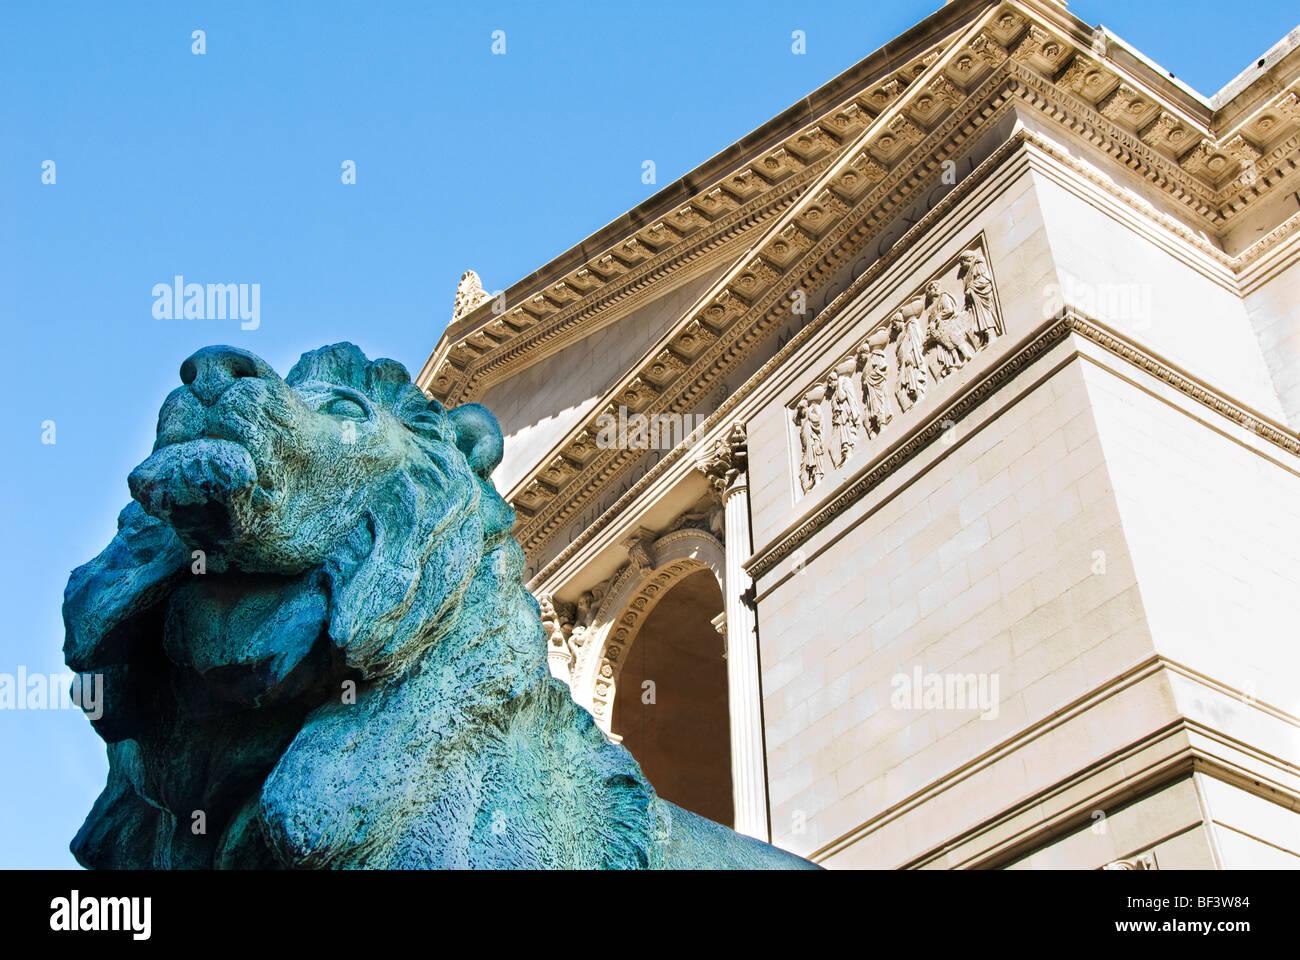 Statue de lion en bronze à l'entrée de l'Art Institute of Chicago, Chicago, Illinois, États Photo Stock